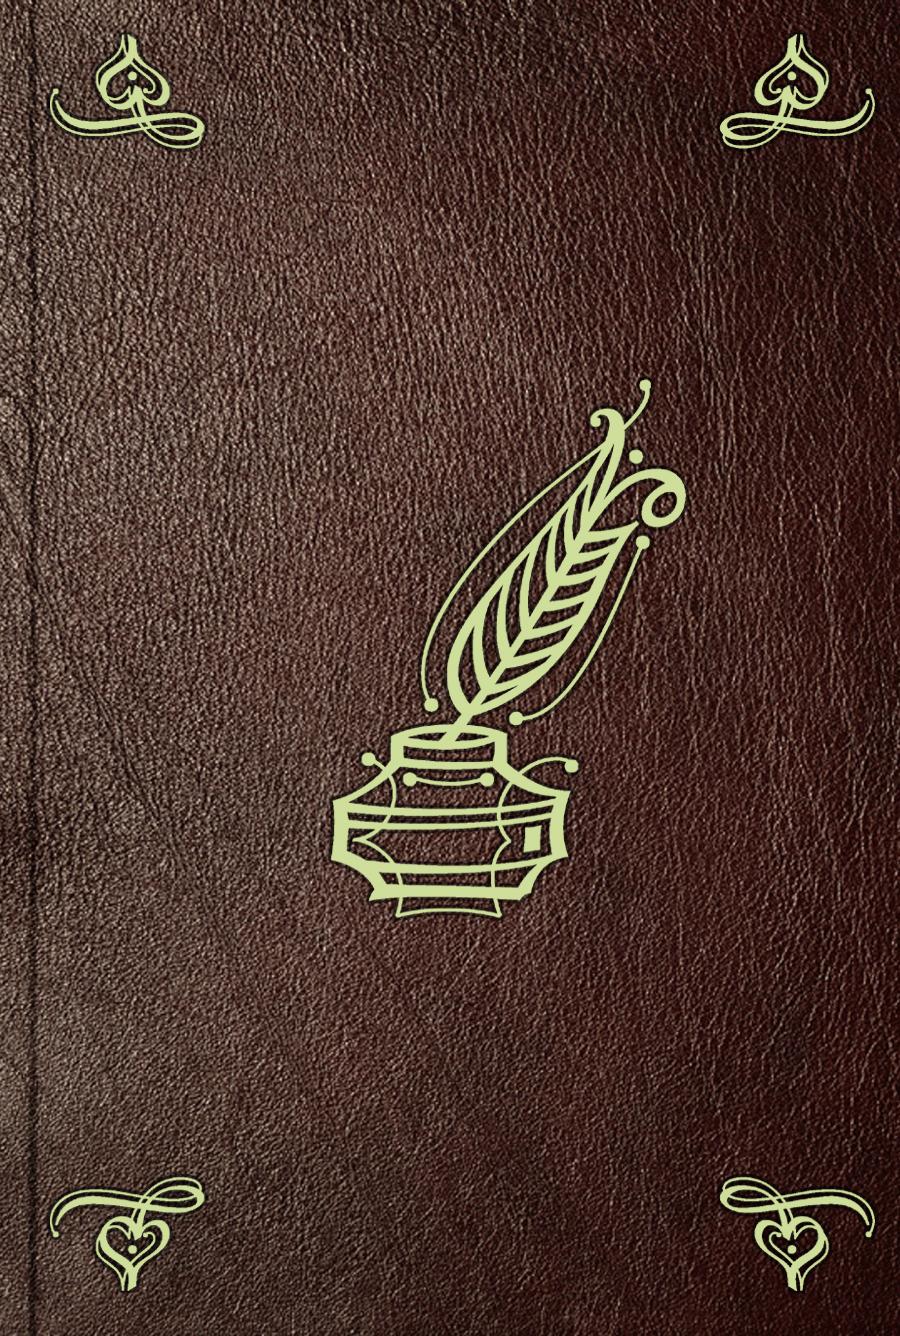 Отсутствует Новое и полное собрание российских песен. Часть 5 edith piaf 200 легендарных песен часть 1 компакт диск mp3 rmg